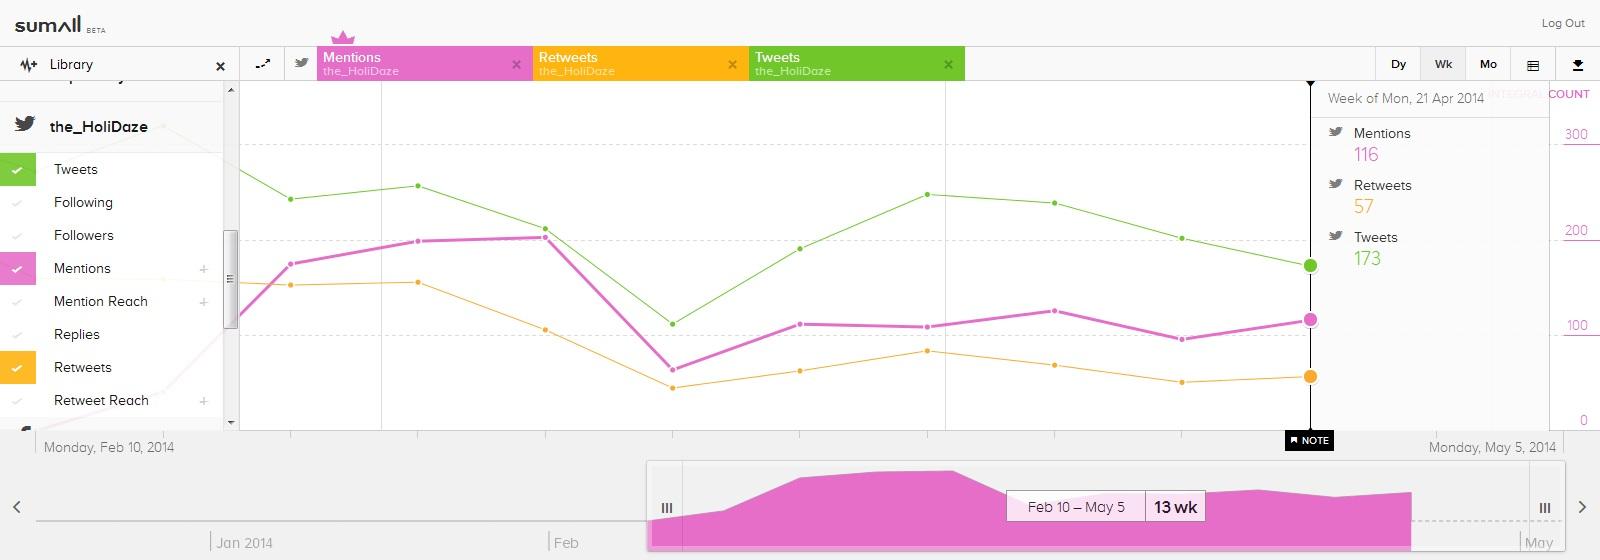 Social Media: SumAll HoliDaze Twitter Statistics